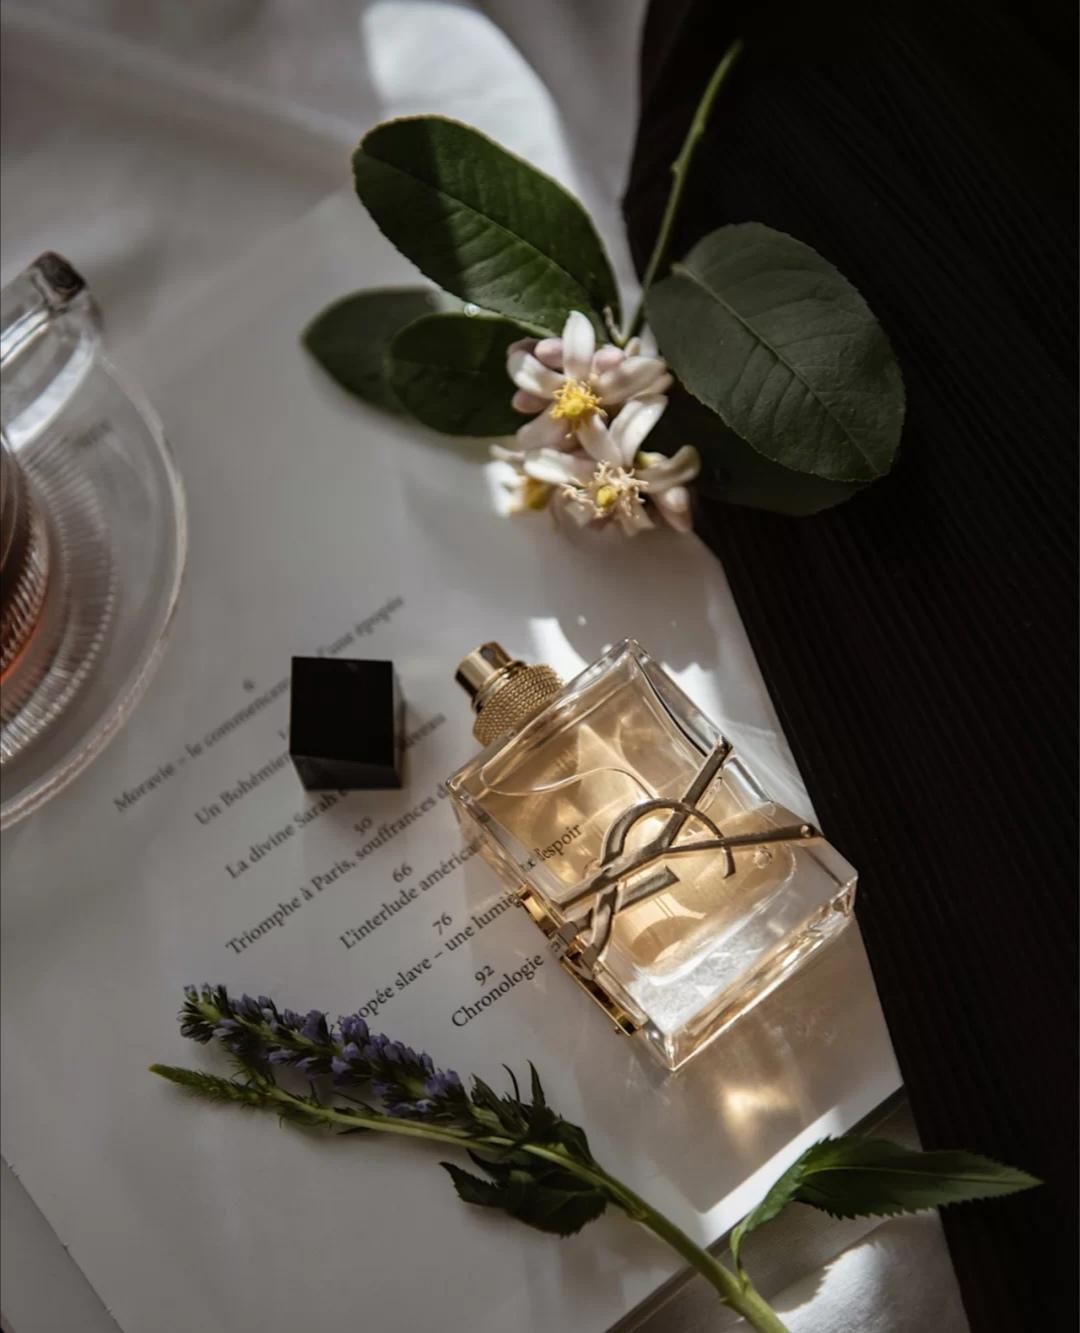 这几款颜值超高的香水,除了嗅觉,感观迷人,优雅